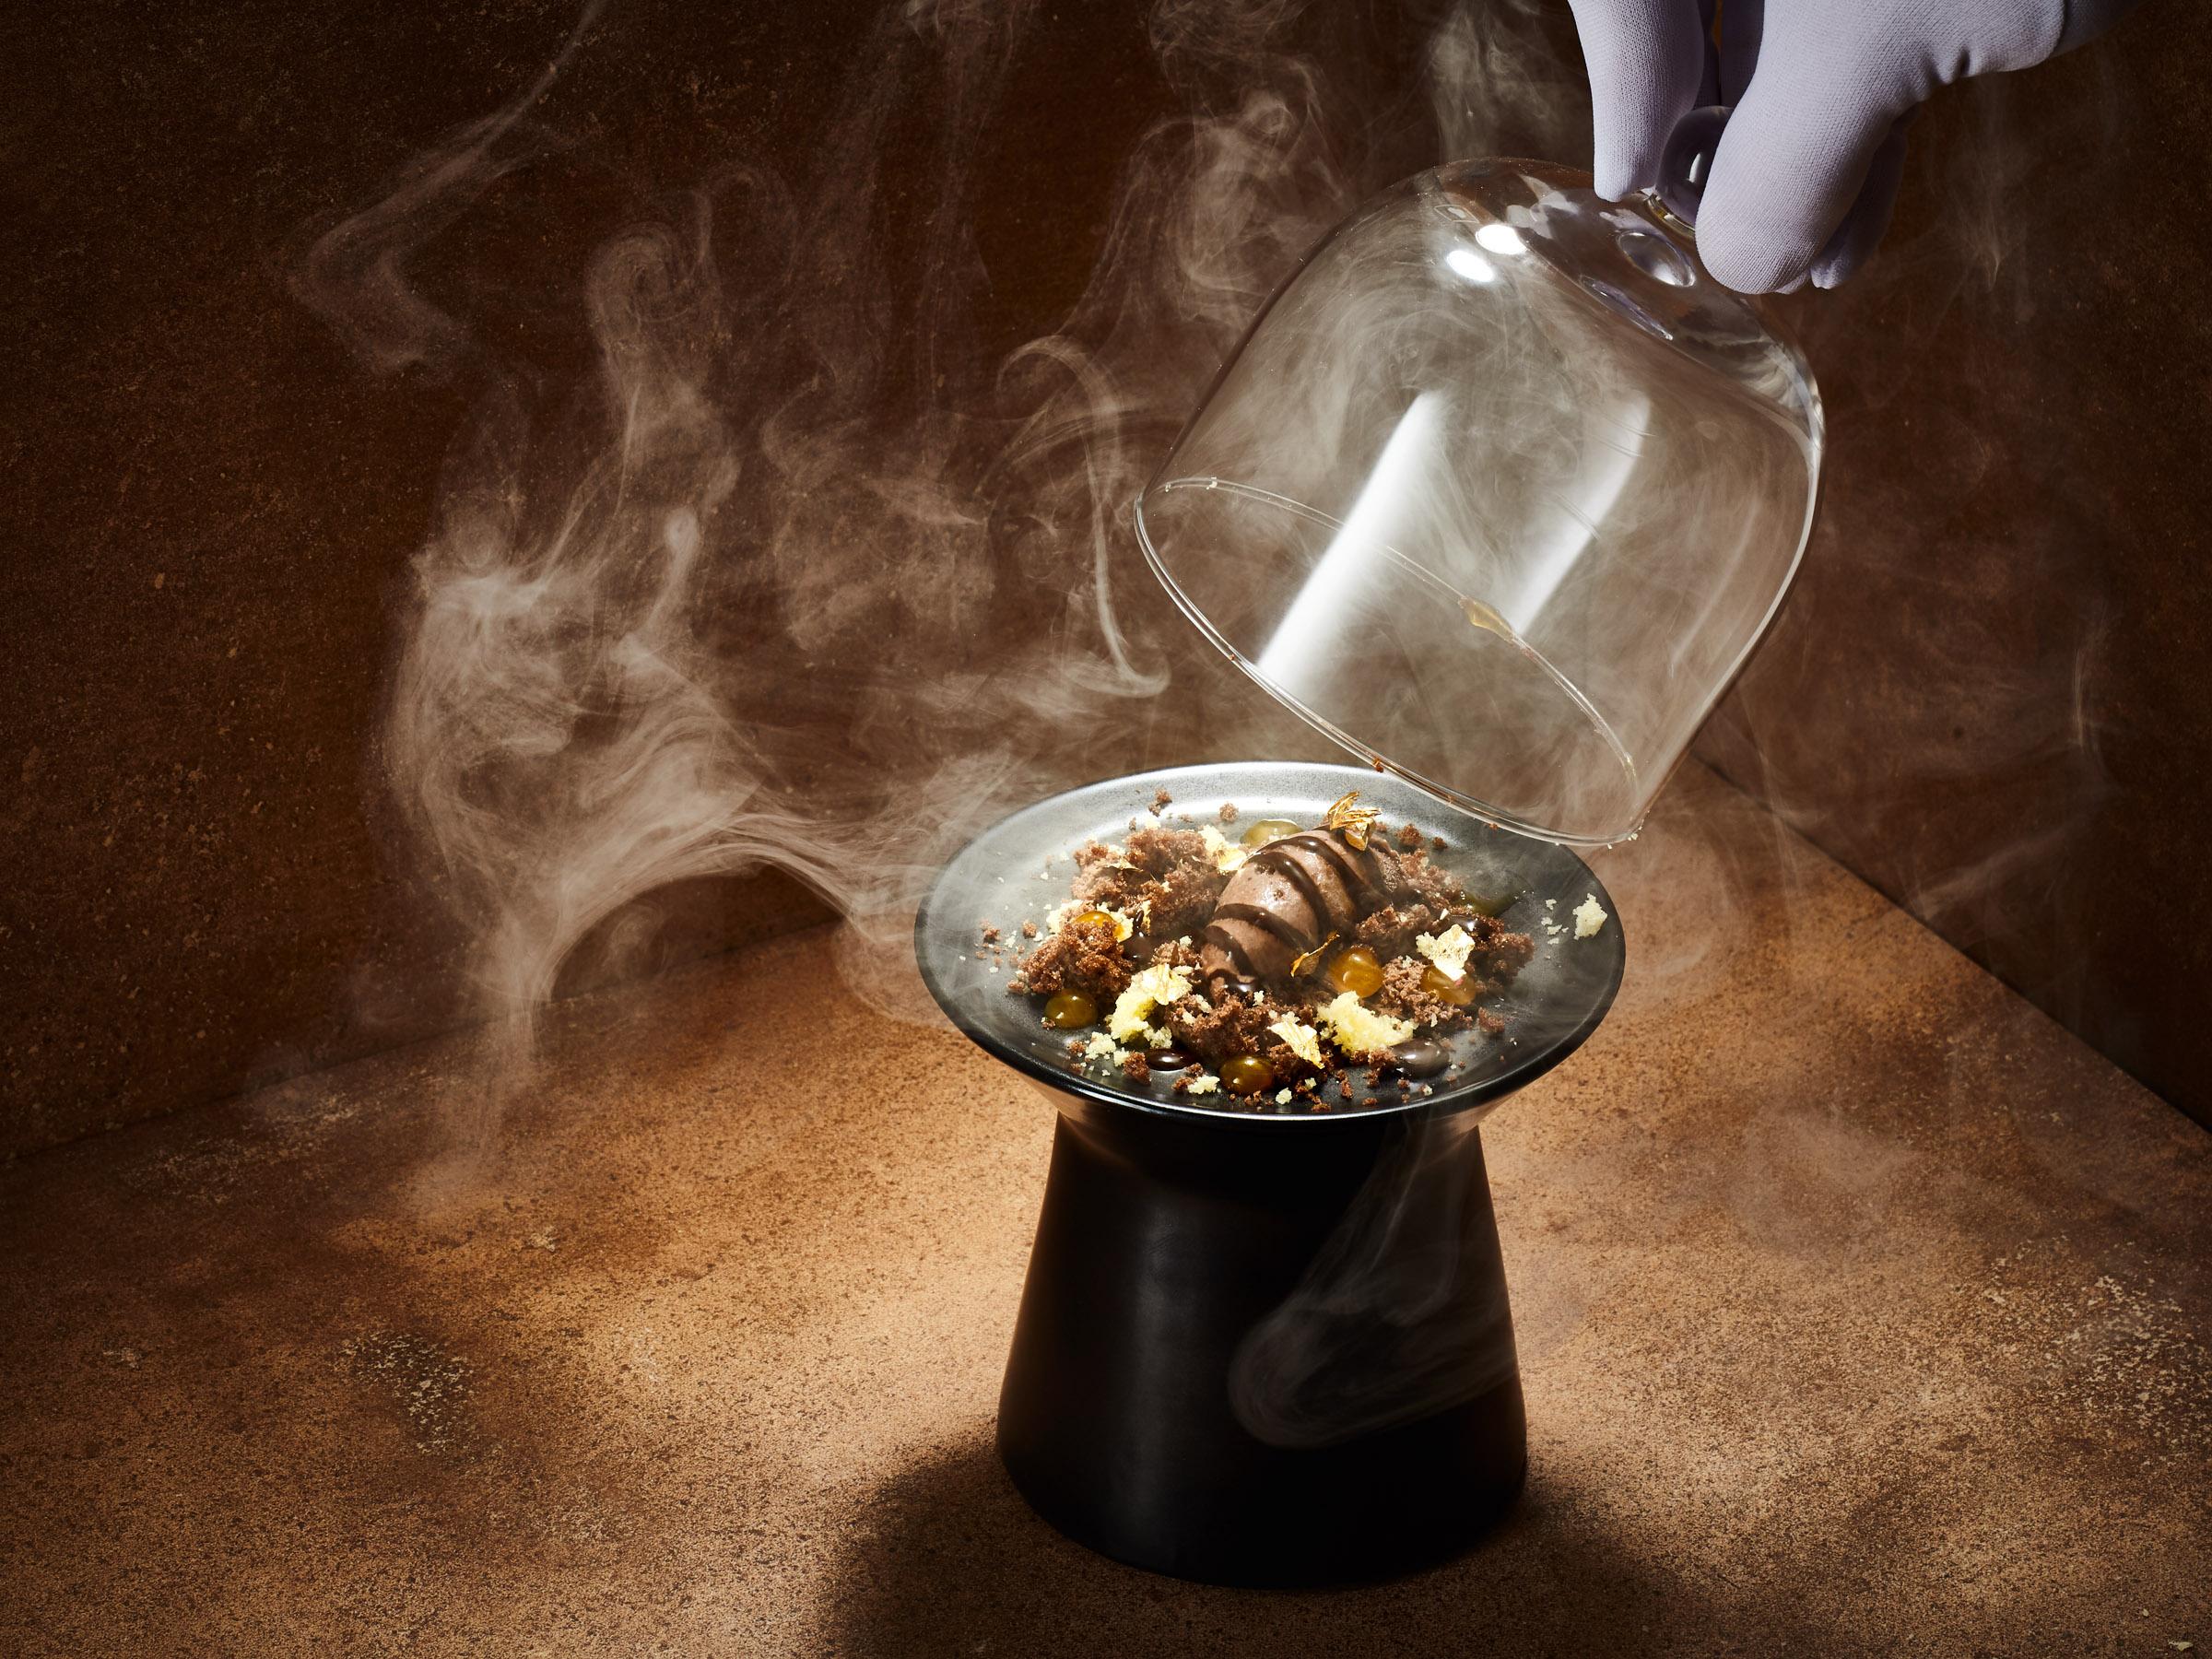 Smoked-Chocolate-Desert